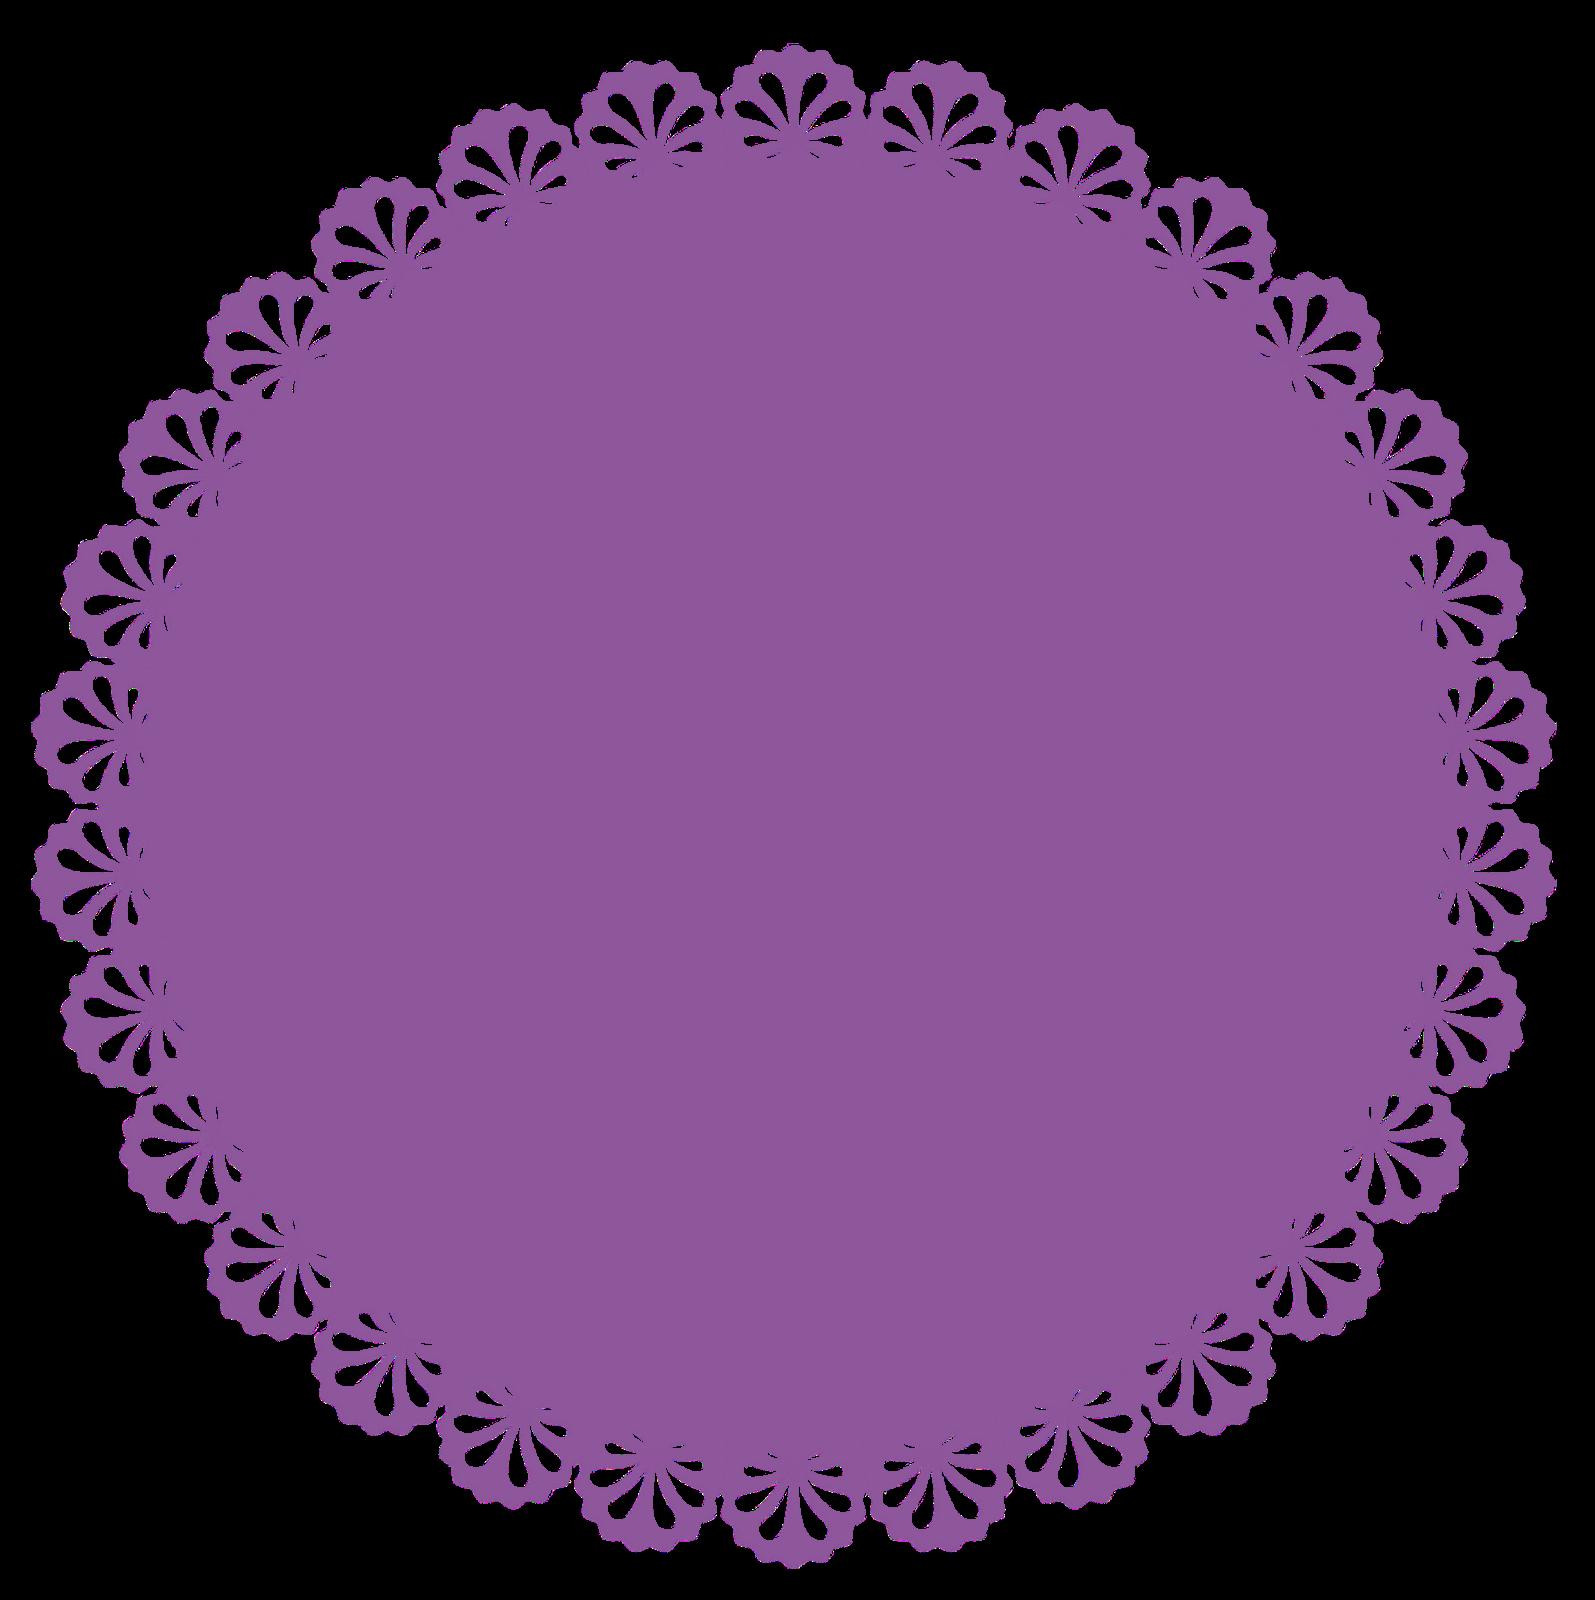 Escalopes frames gr tis. Purple clipart doily